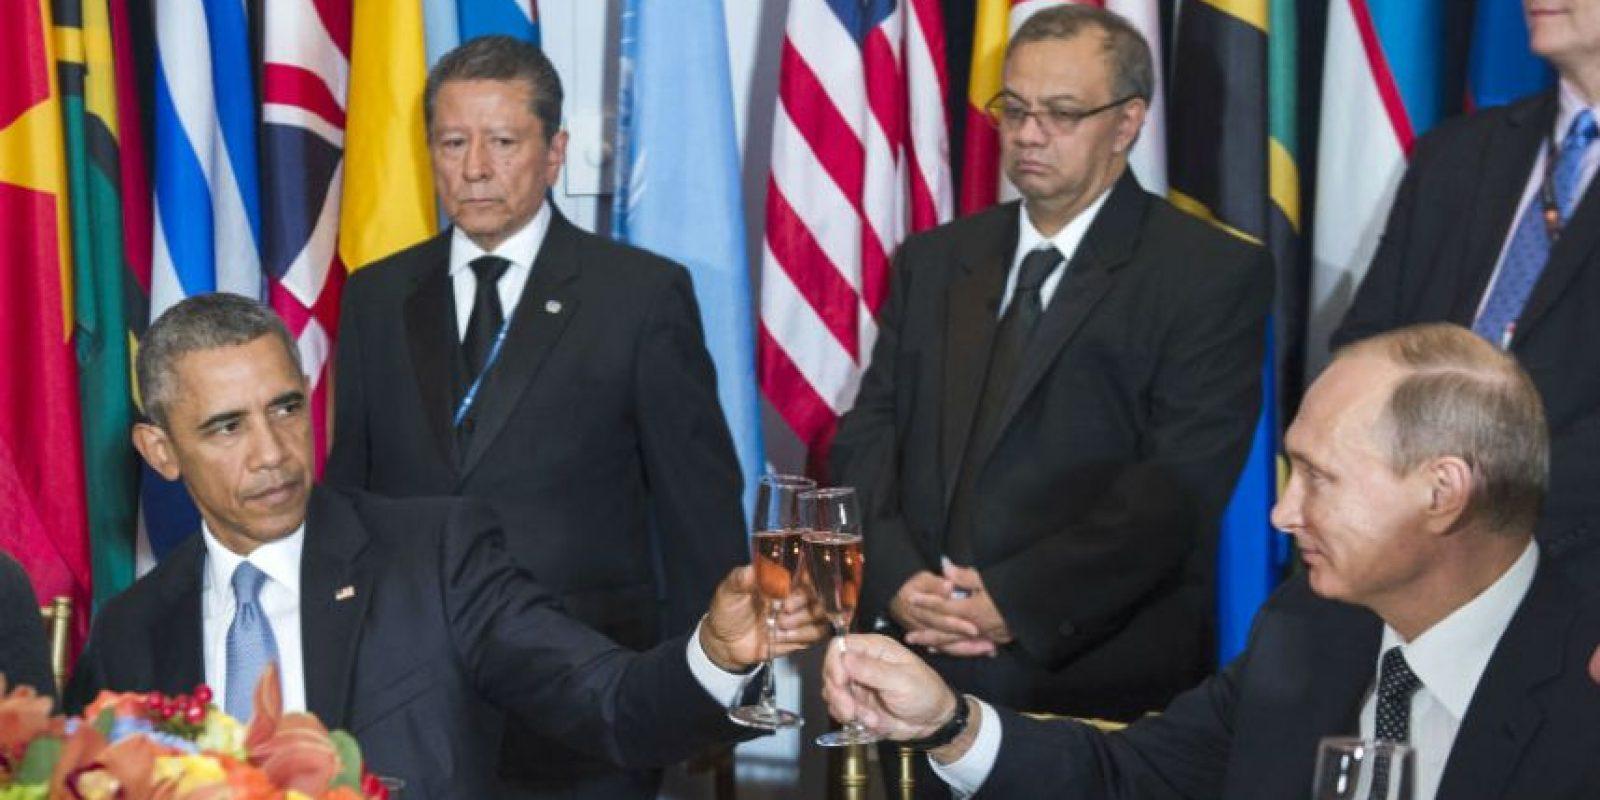 Y sugirió que Rusia se debería hacer cargo del conflicto en Siria. Foto:AFP